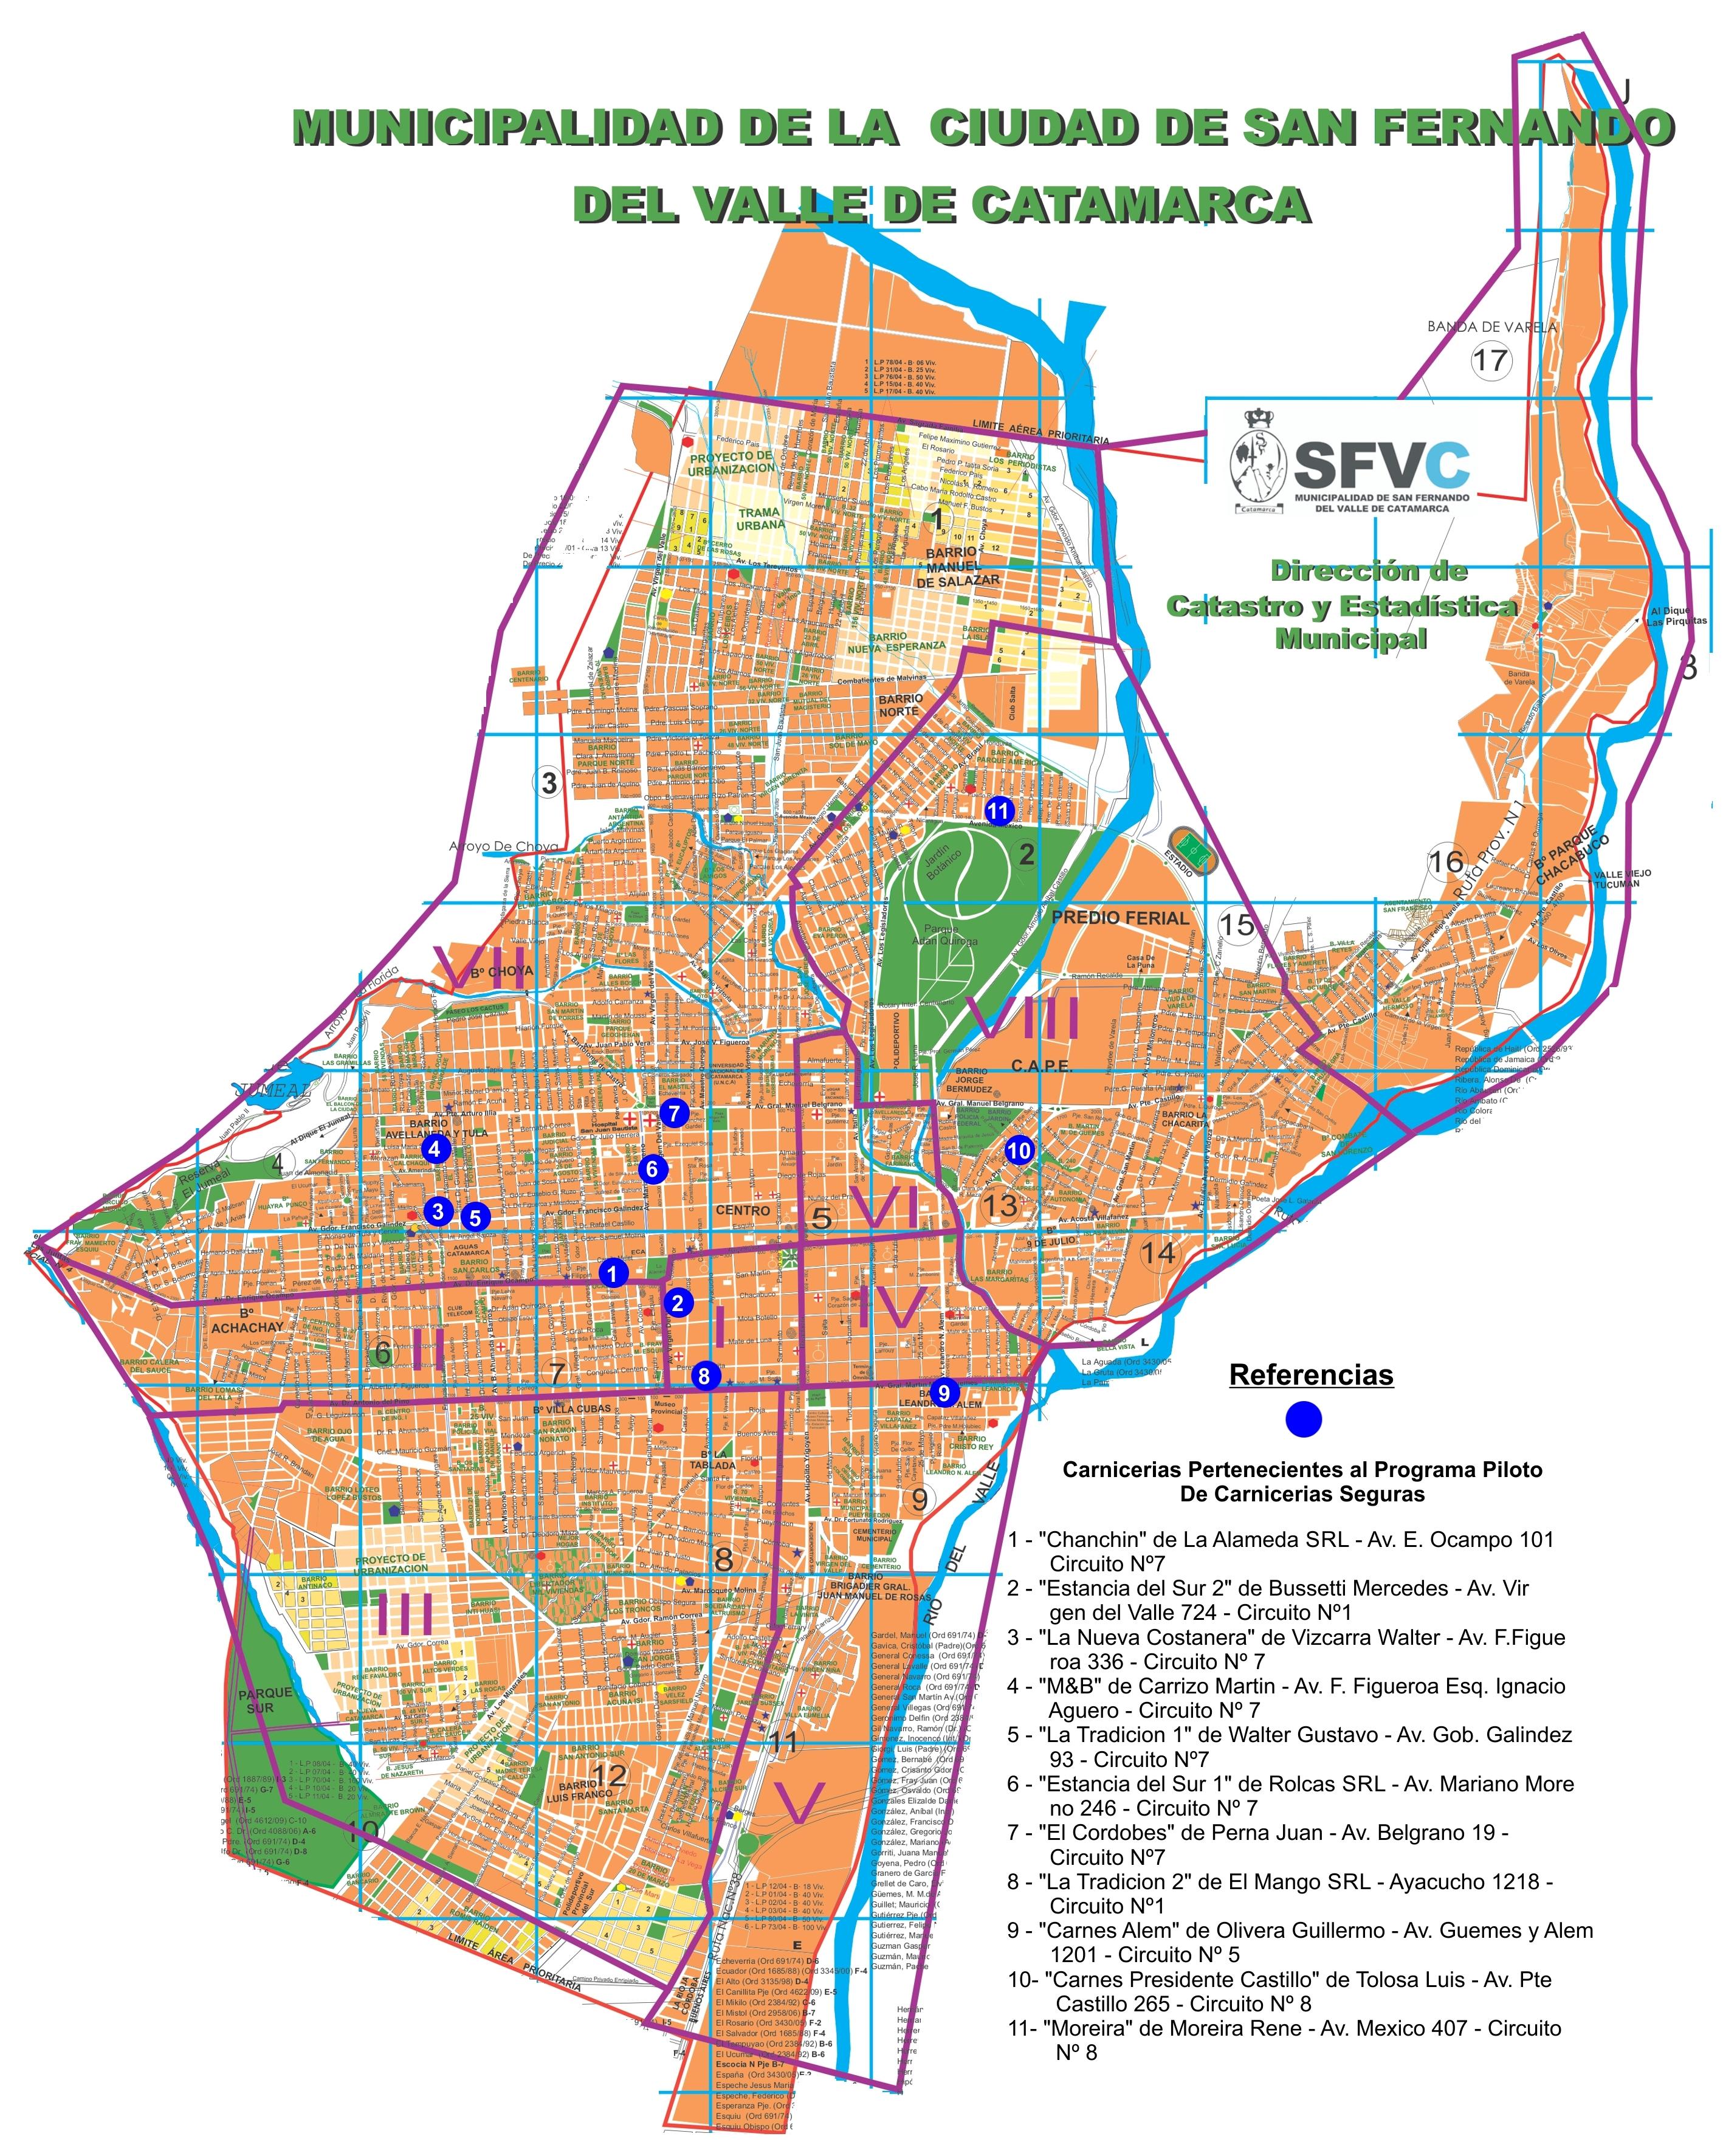 Circuito W Mapa : Mapa u2013 circuitos piloto sala de situación de salud local para la